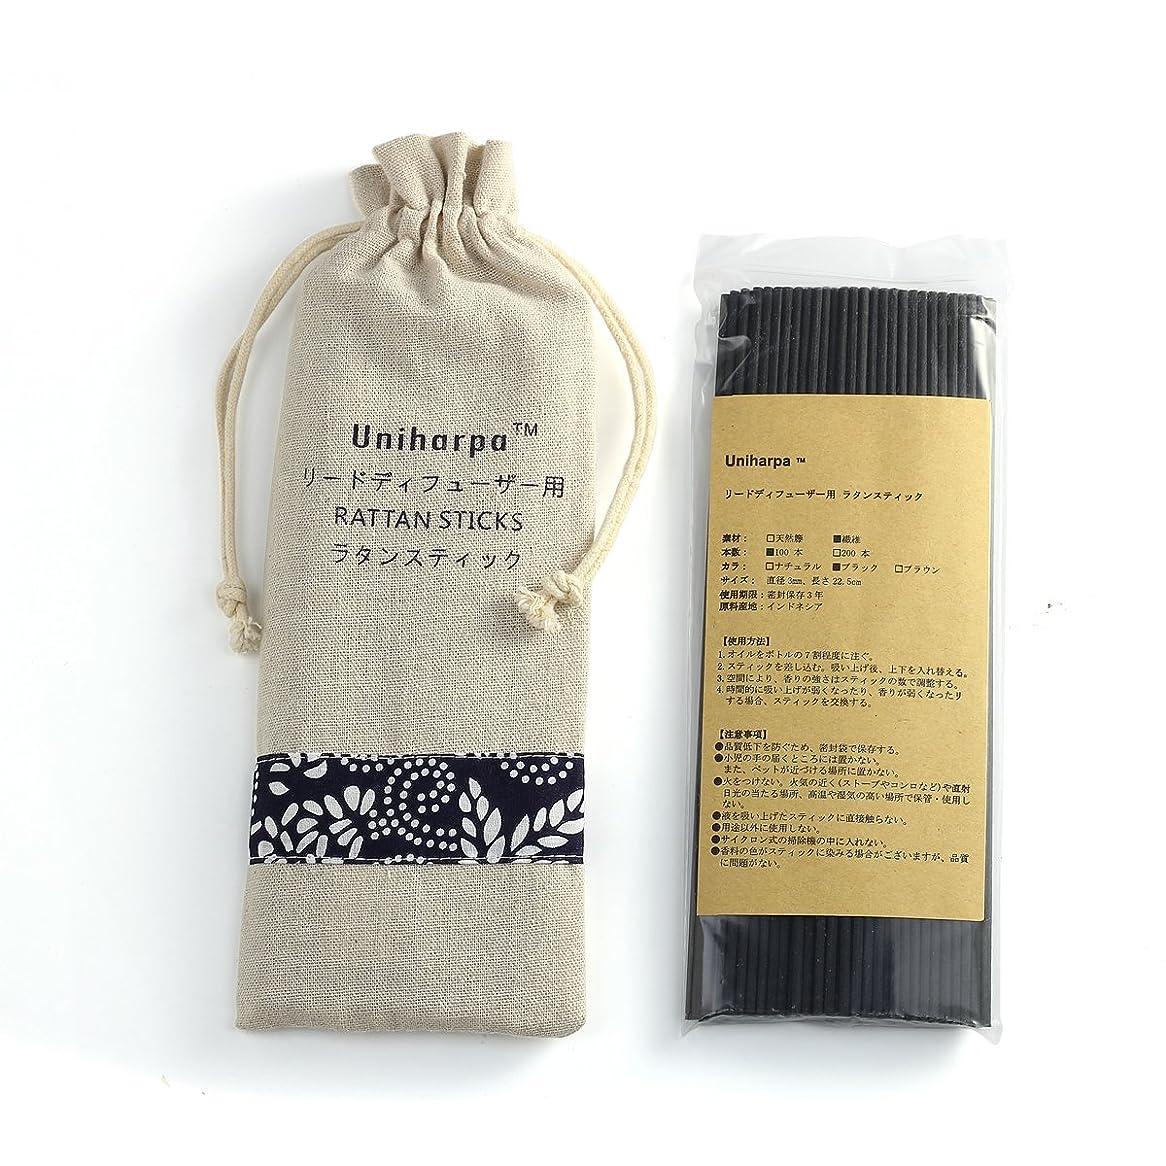 かご同様のウォルターカニンガムリードディフューザー用 ラタンスティック/リードスティック リフィル 繊維素材 22.5cm 直径3mm 100本入 乾燥剤入り オリジナル旅行専用袋付 (ブラック)